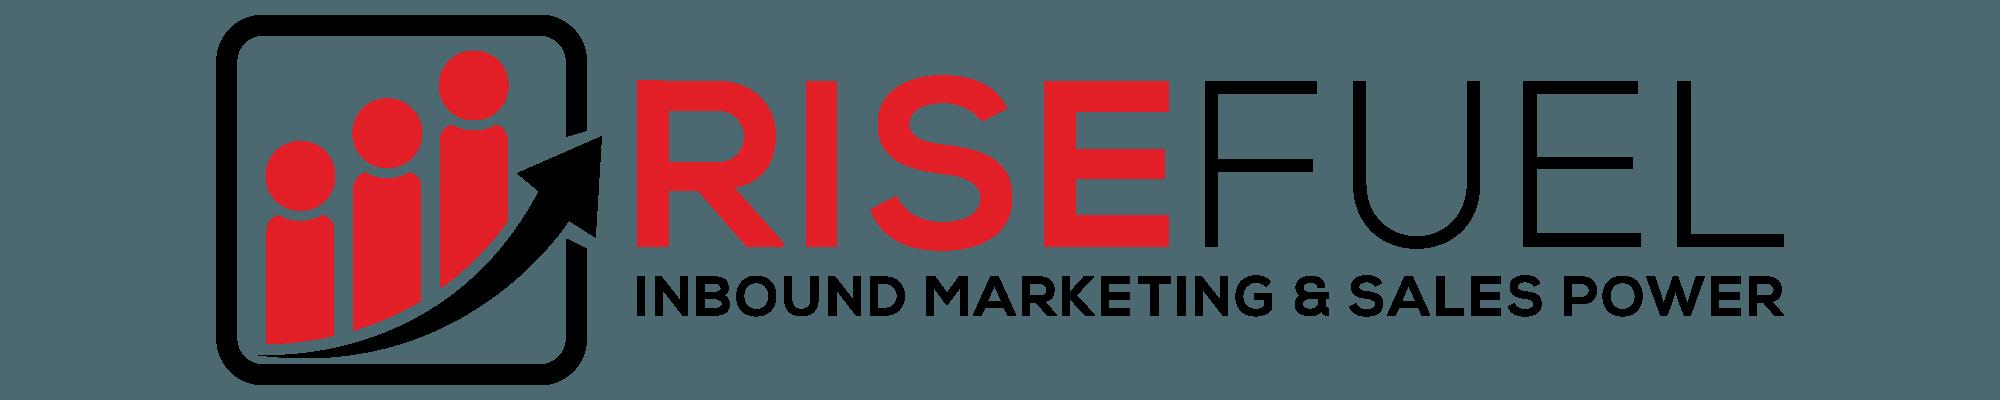 risefuel inbound marketing